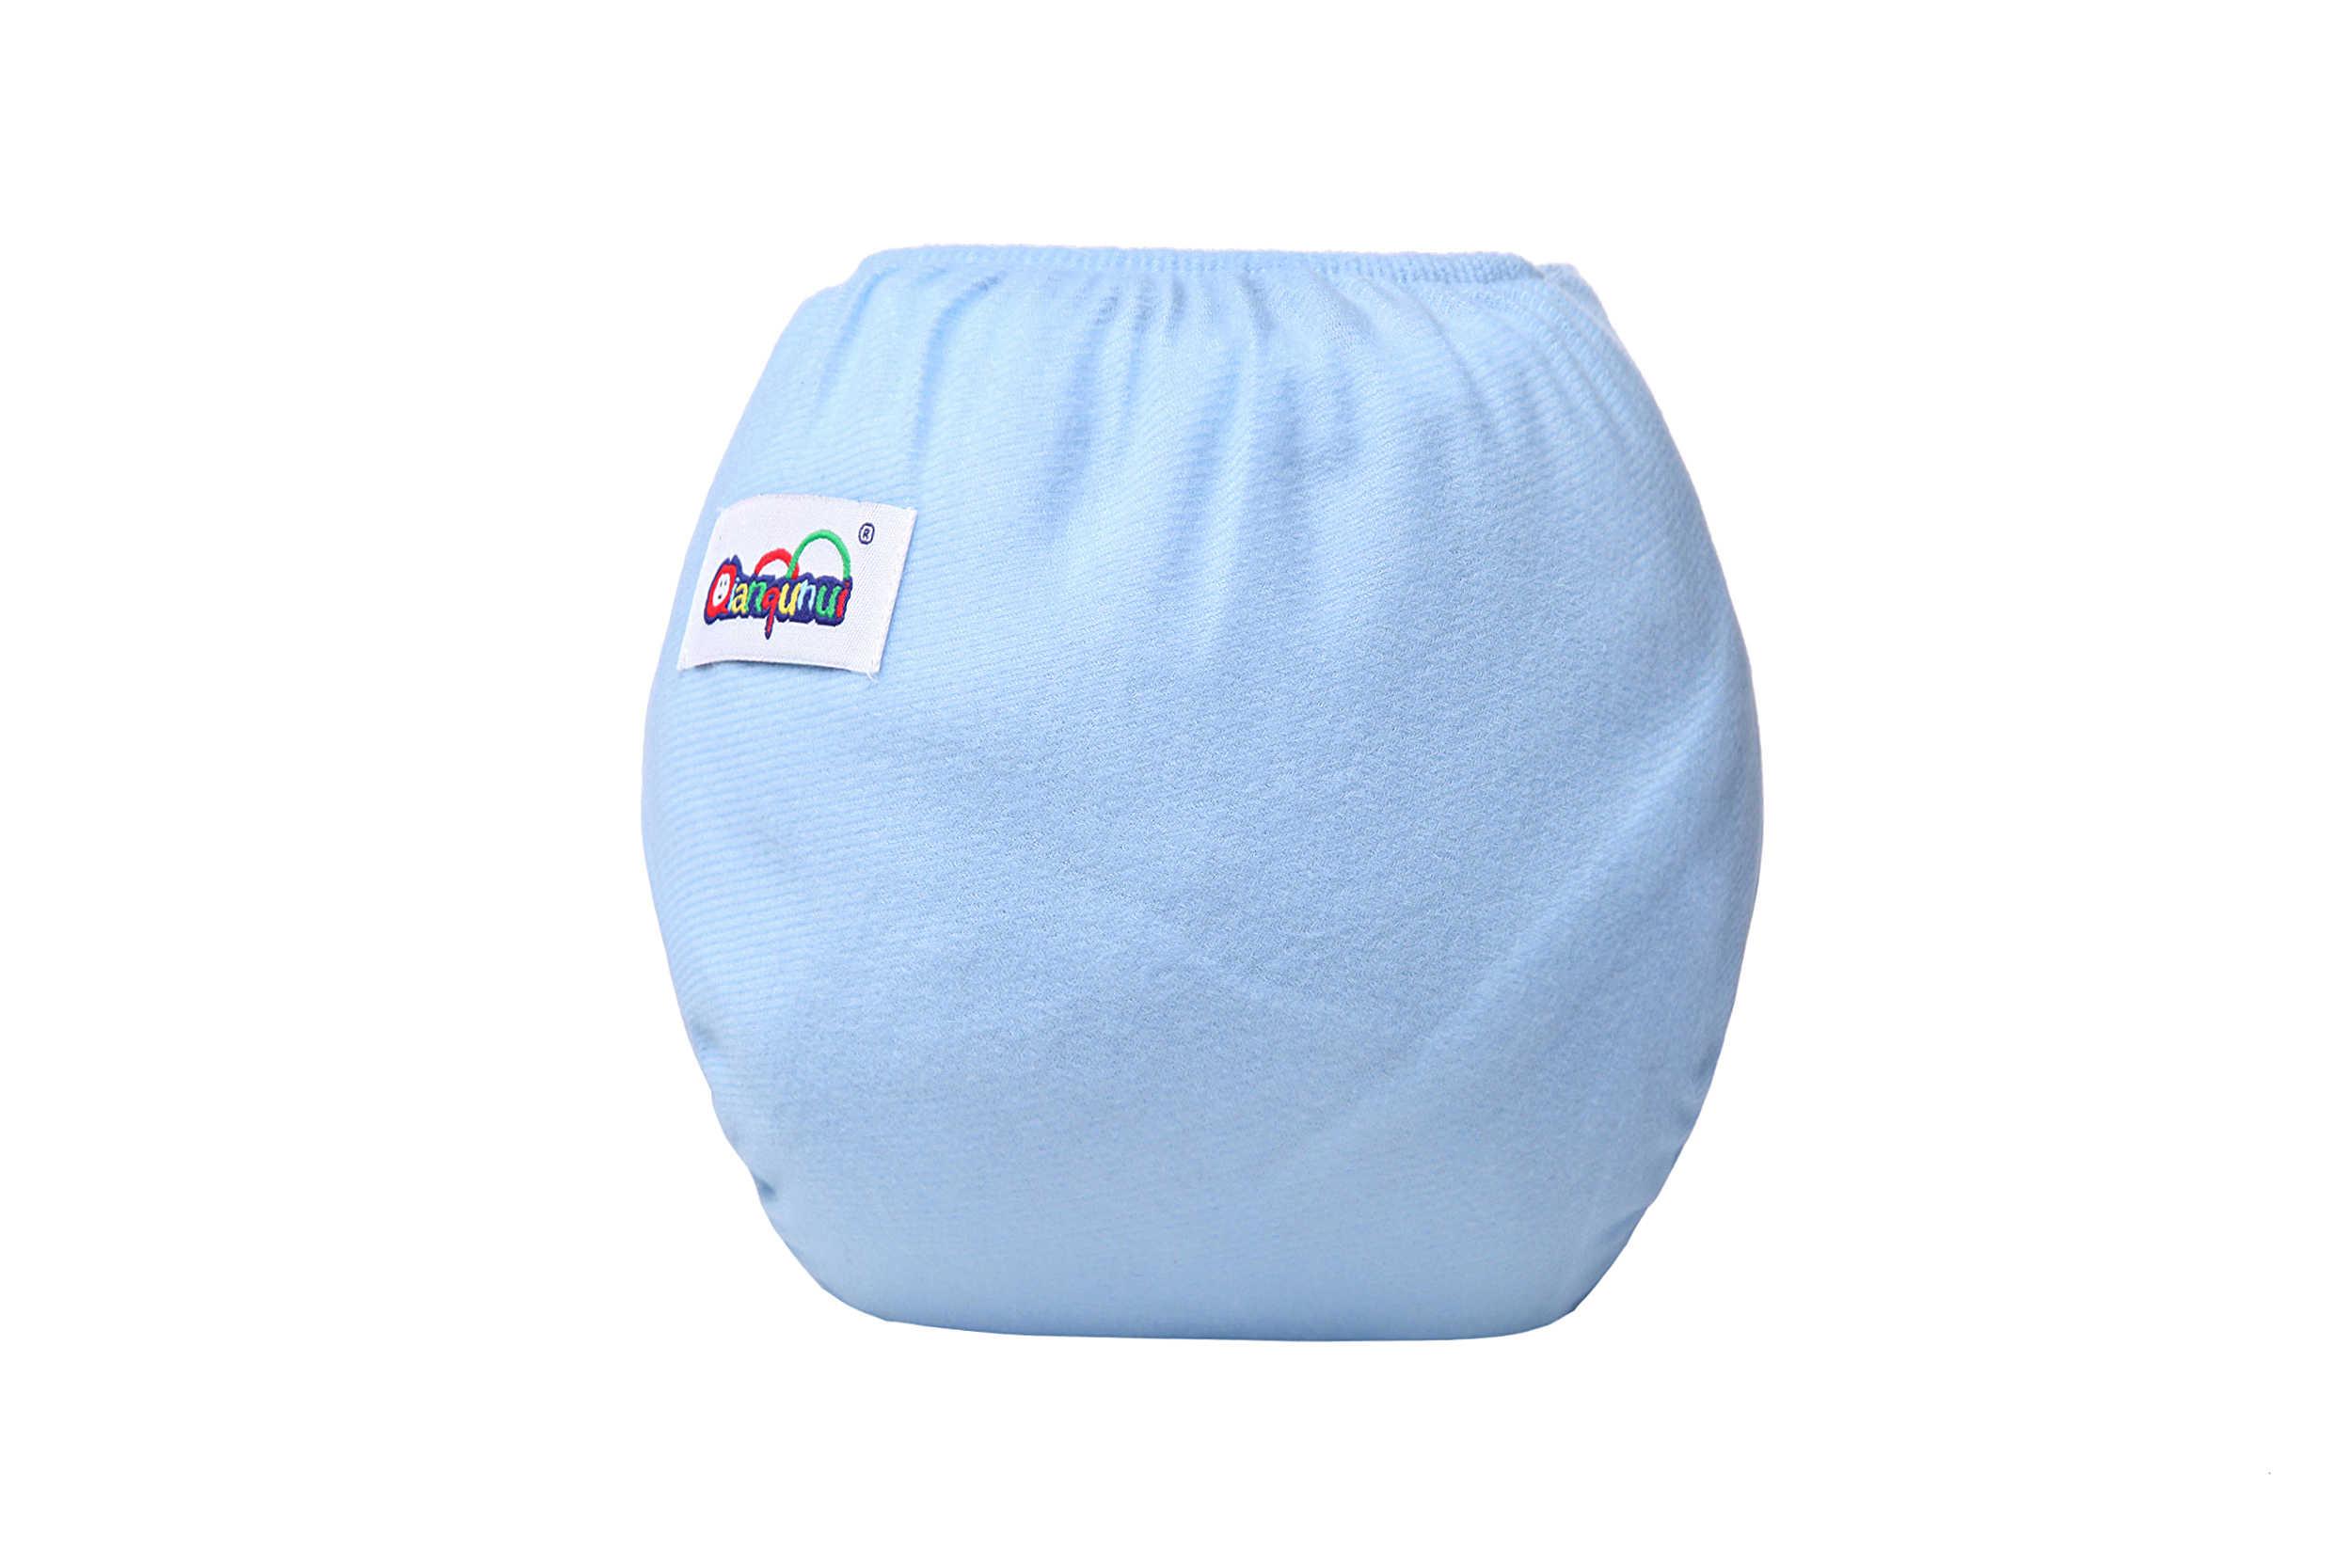 Envío gratuito 1 talla para todos los pañales de tela impermeables para bebé pañales lavables reutilizables entrenamiento pantalón pañal Fraldas pañal